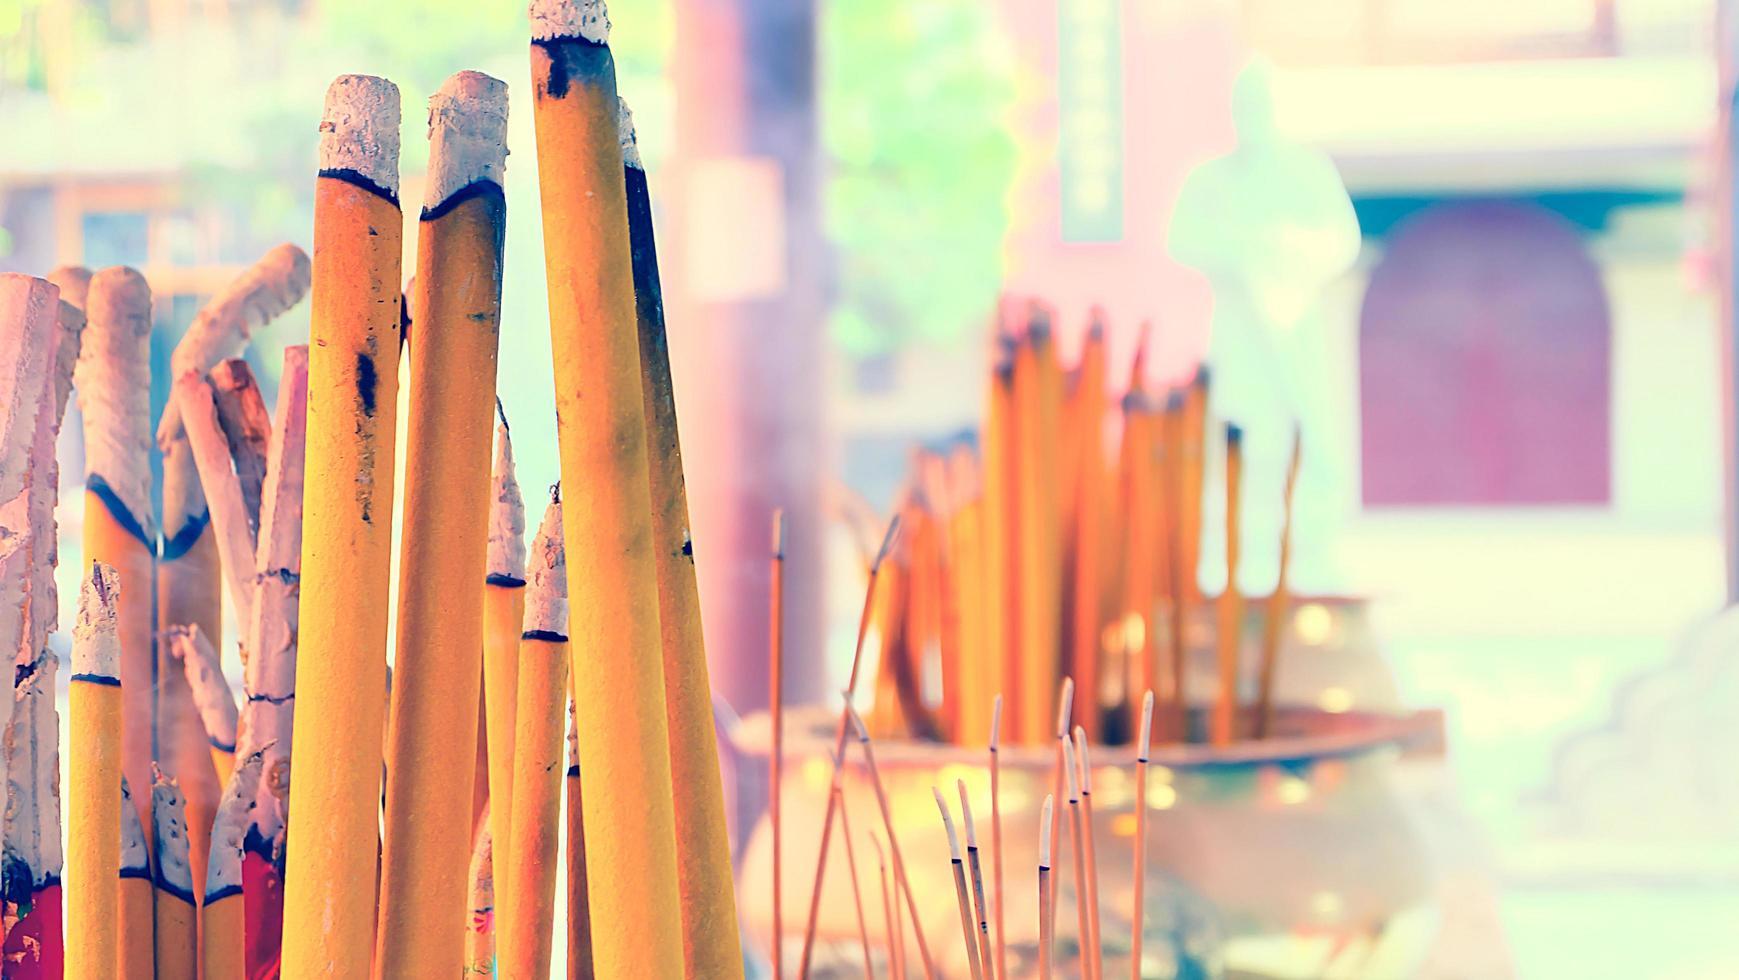 fumer des bâtons d'encens dans un temple de hong kong. prise de vue horizontale photo